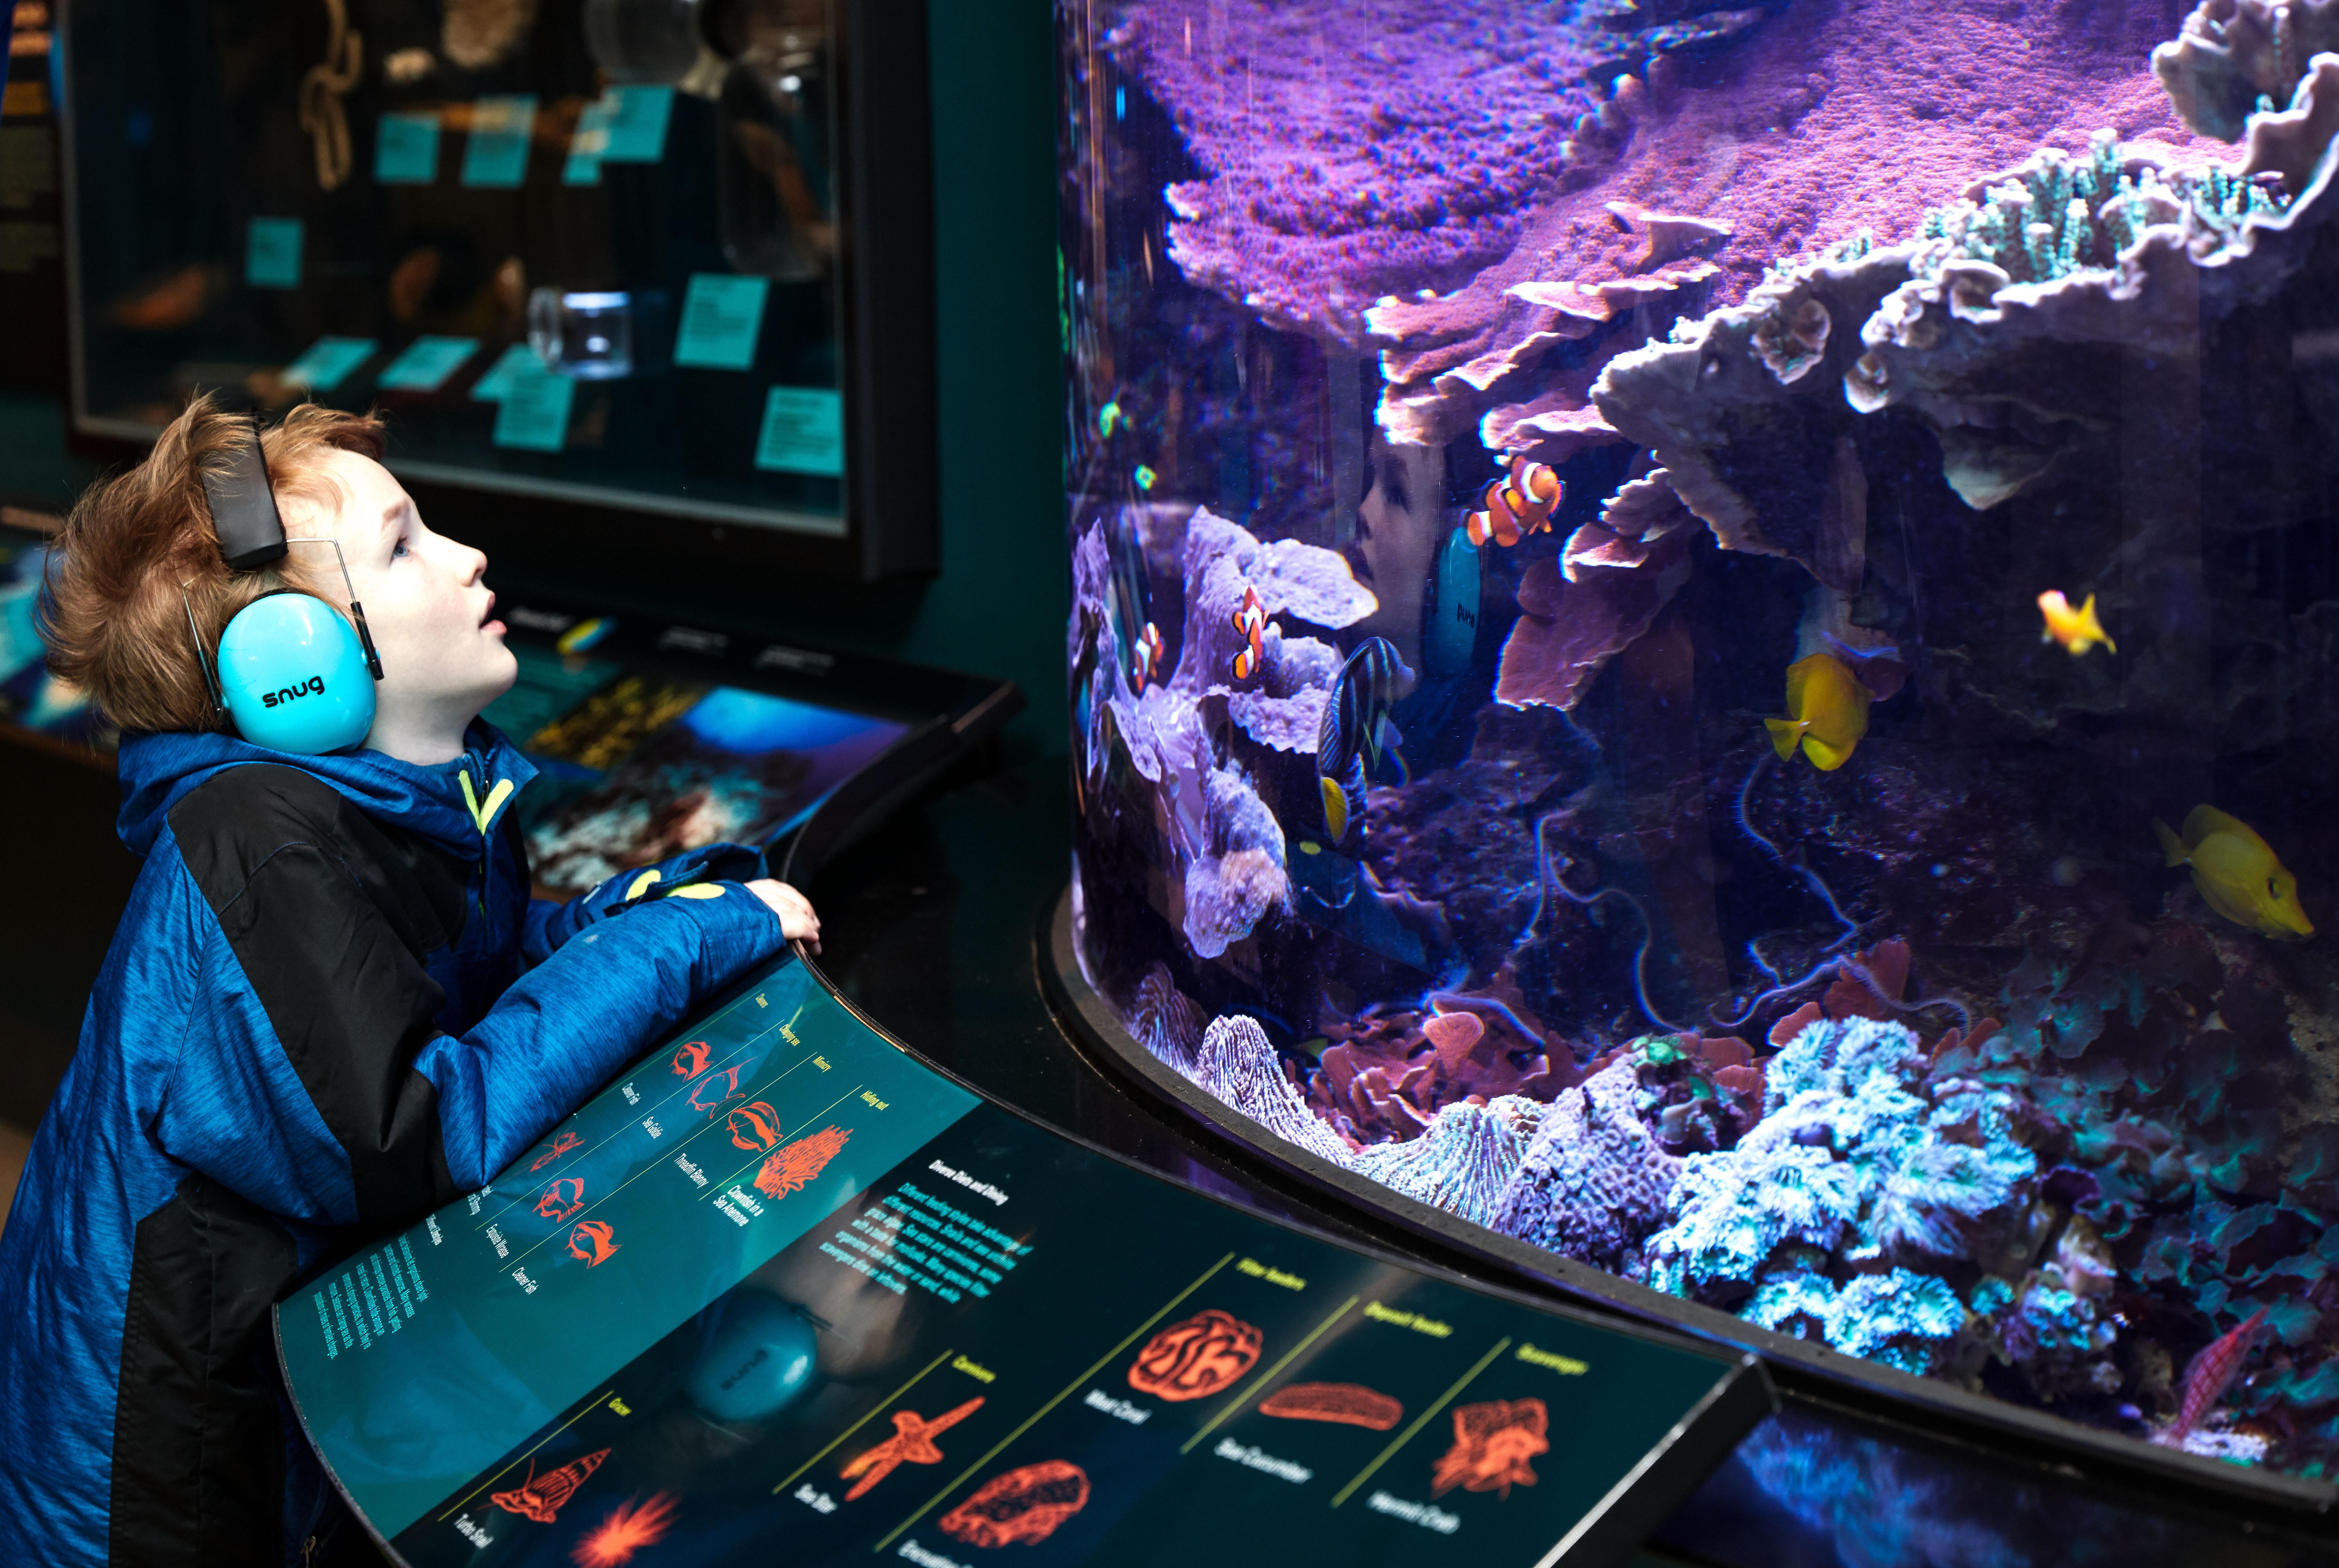 Child watches fish in aquarium